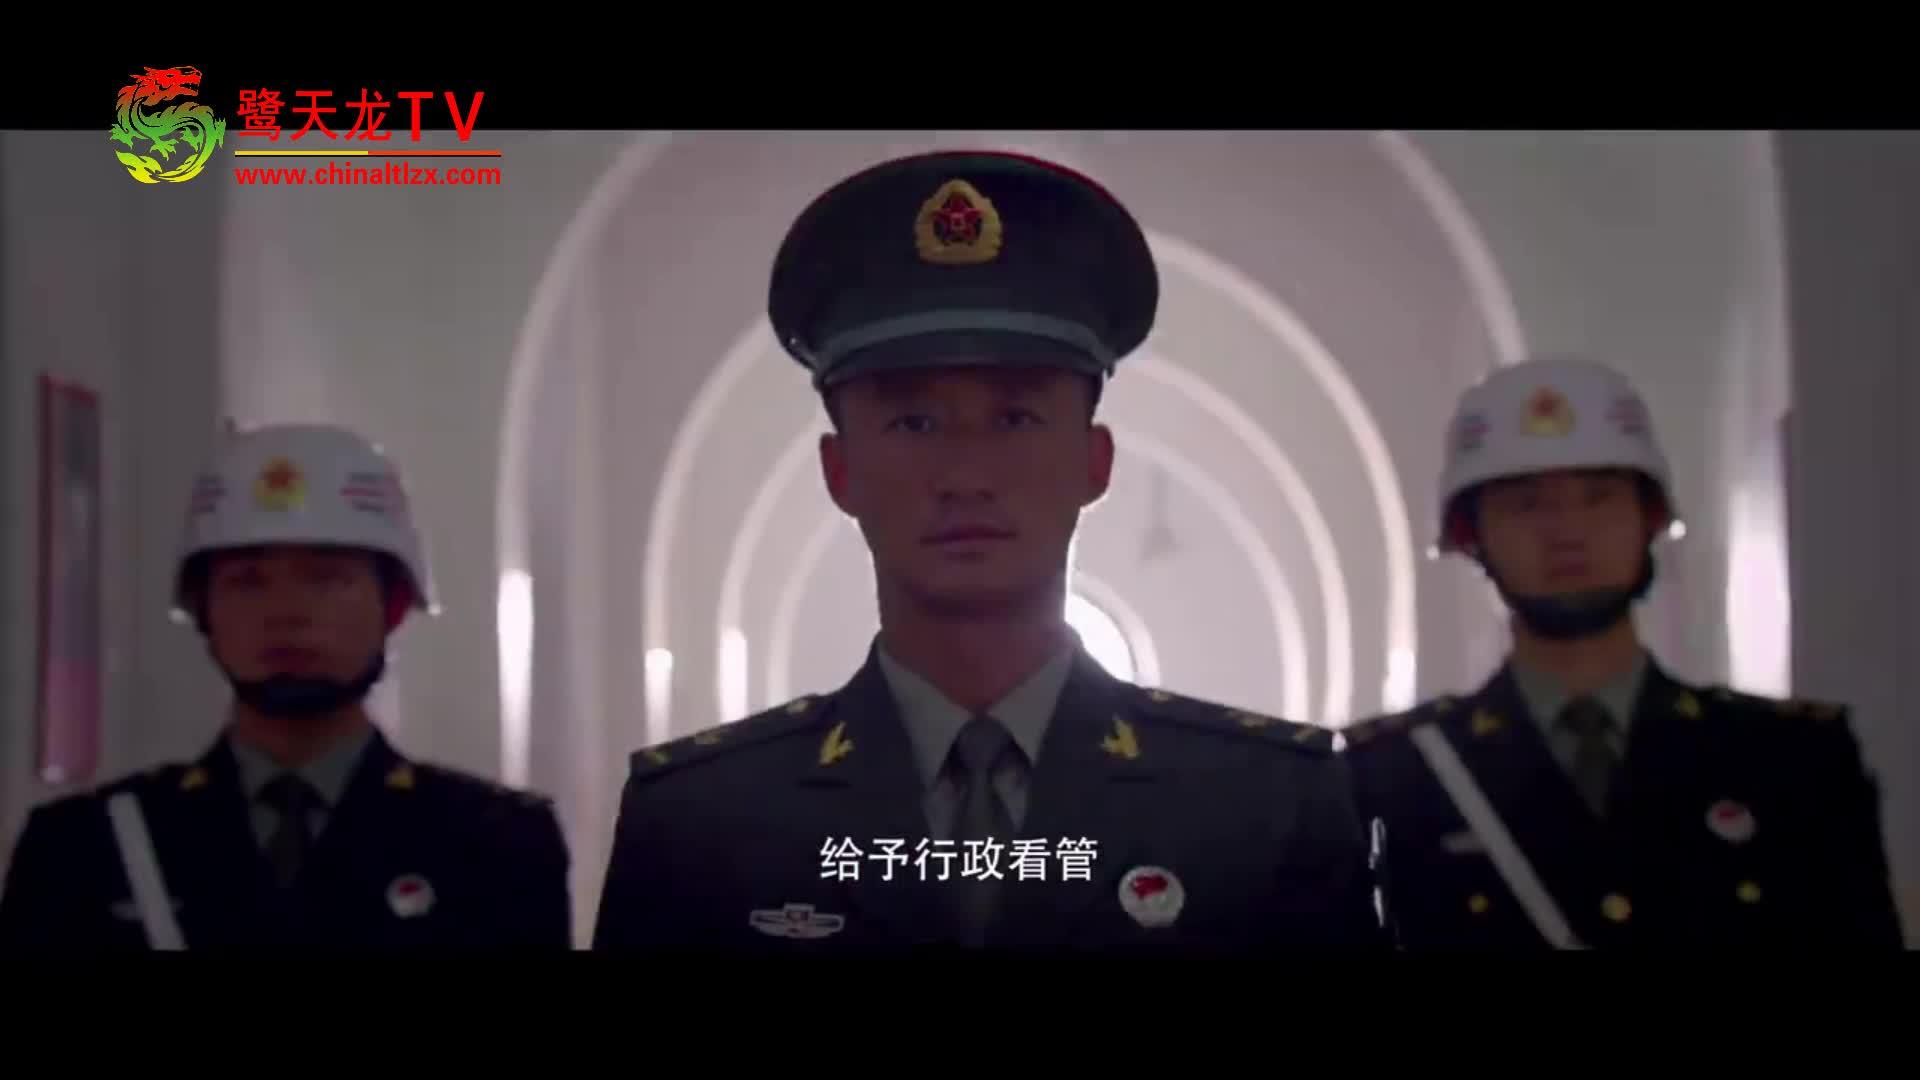 《战狼》预告热血先行 吴京开挂出演堪称超级英雄